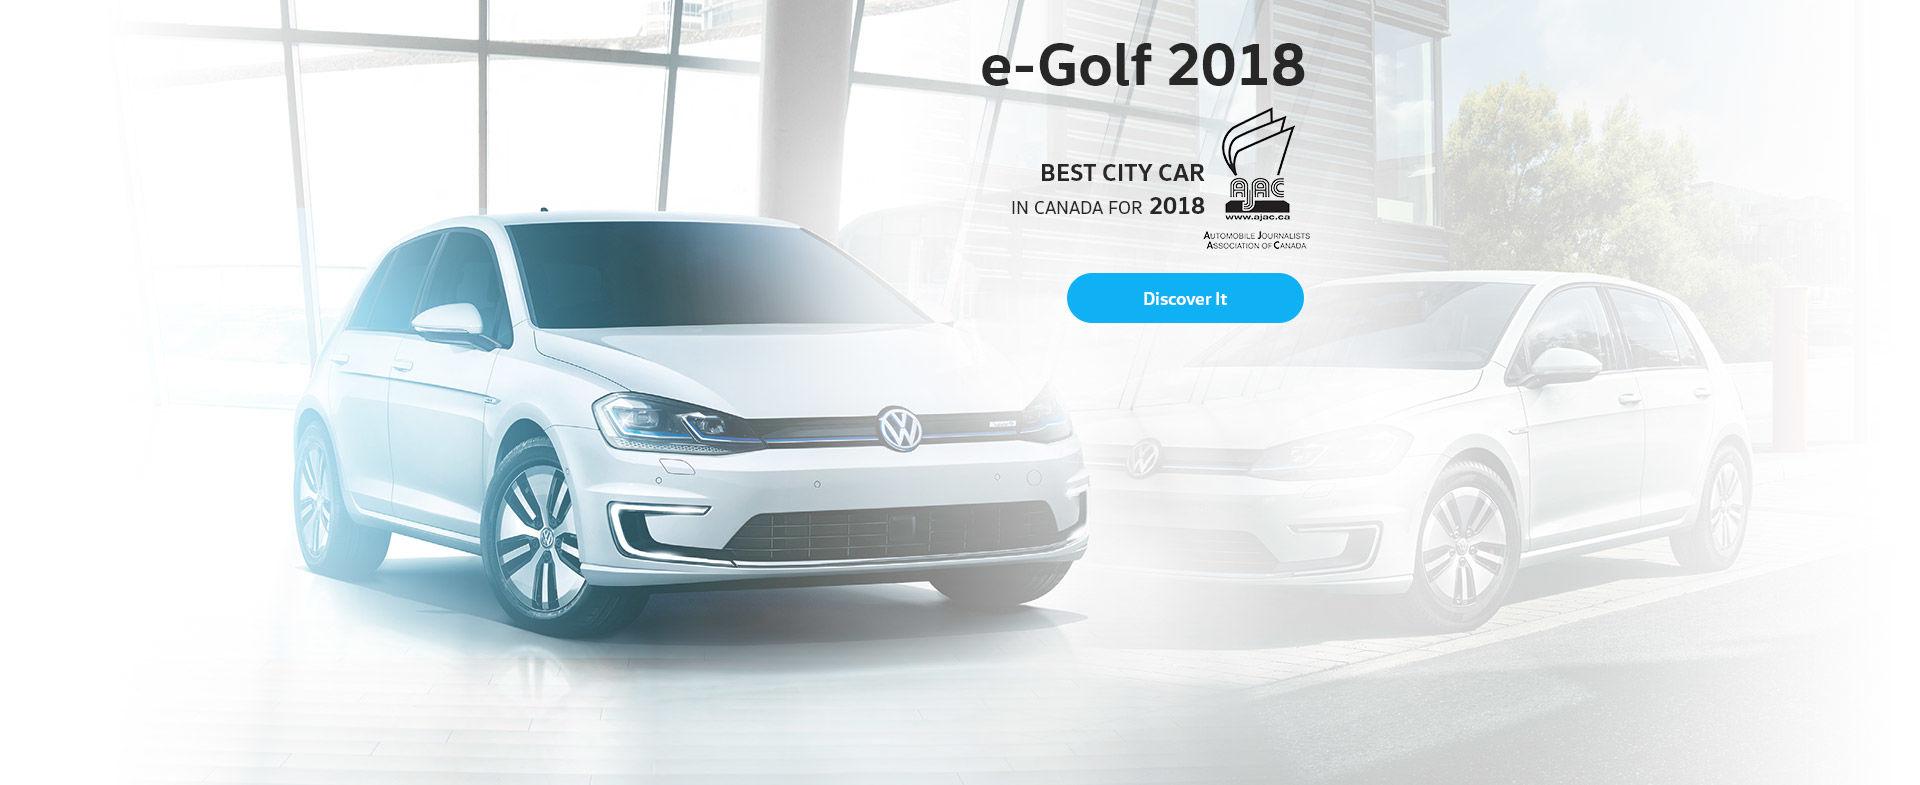 E-Golf 2018